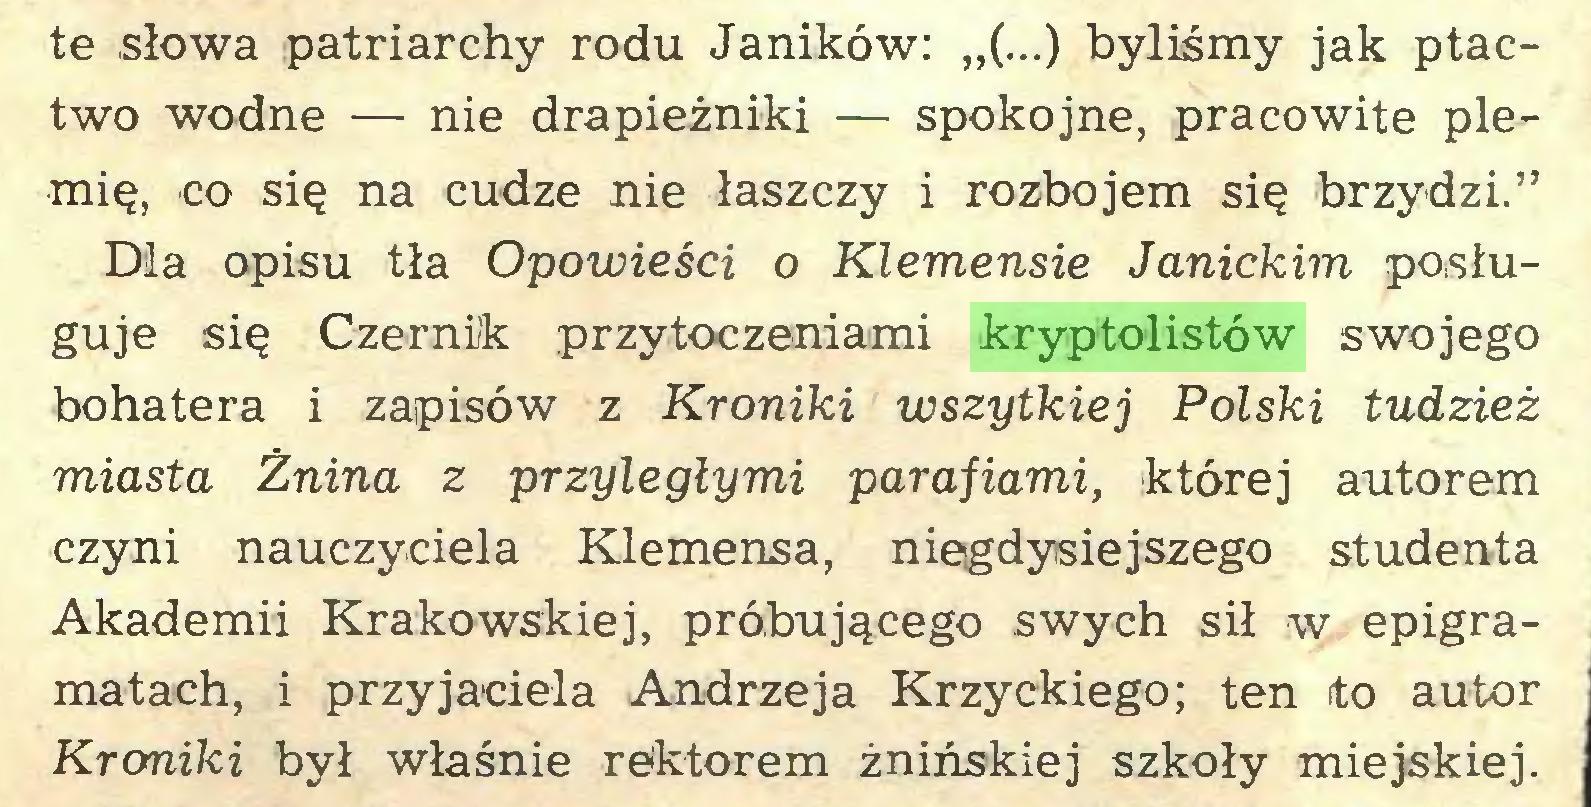 """(...) te słowa patriarchy rodu Janików: """"(...) byliśmy jak ptactwo wodne — nie drapieżniki — spokojne, pracowite plemię, co się na cudze nie łaszczy i rozbojem się brzydzi."""" Dla opisu tła Opowieści o Klemensie Janickim posługuje się Czernik przytoczeniami kryptolistów swojego bohatera i zapisów z Kroniki wszytkiej Polski tudzież miasta Żnina z przyległymi parafiami, której autorem czyni nauczyciela Klemensa, niegdysiejszego studenta Akademii Krakowskiej, próbującego swych sił w epigramatach, i przyjaciela Andrzeja Krzyckiego; ten ito autor Kroniki był właśnie rektorem żnińskiej szkoły miejskiej..."""